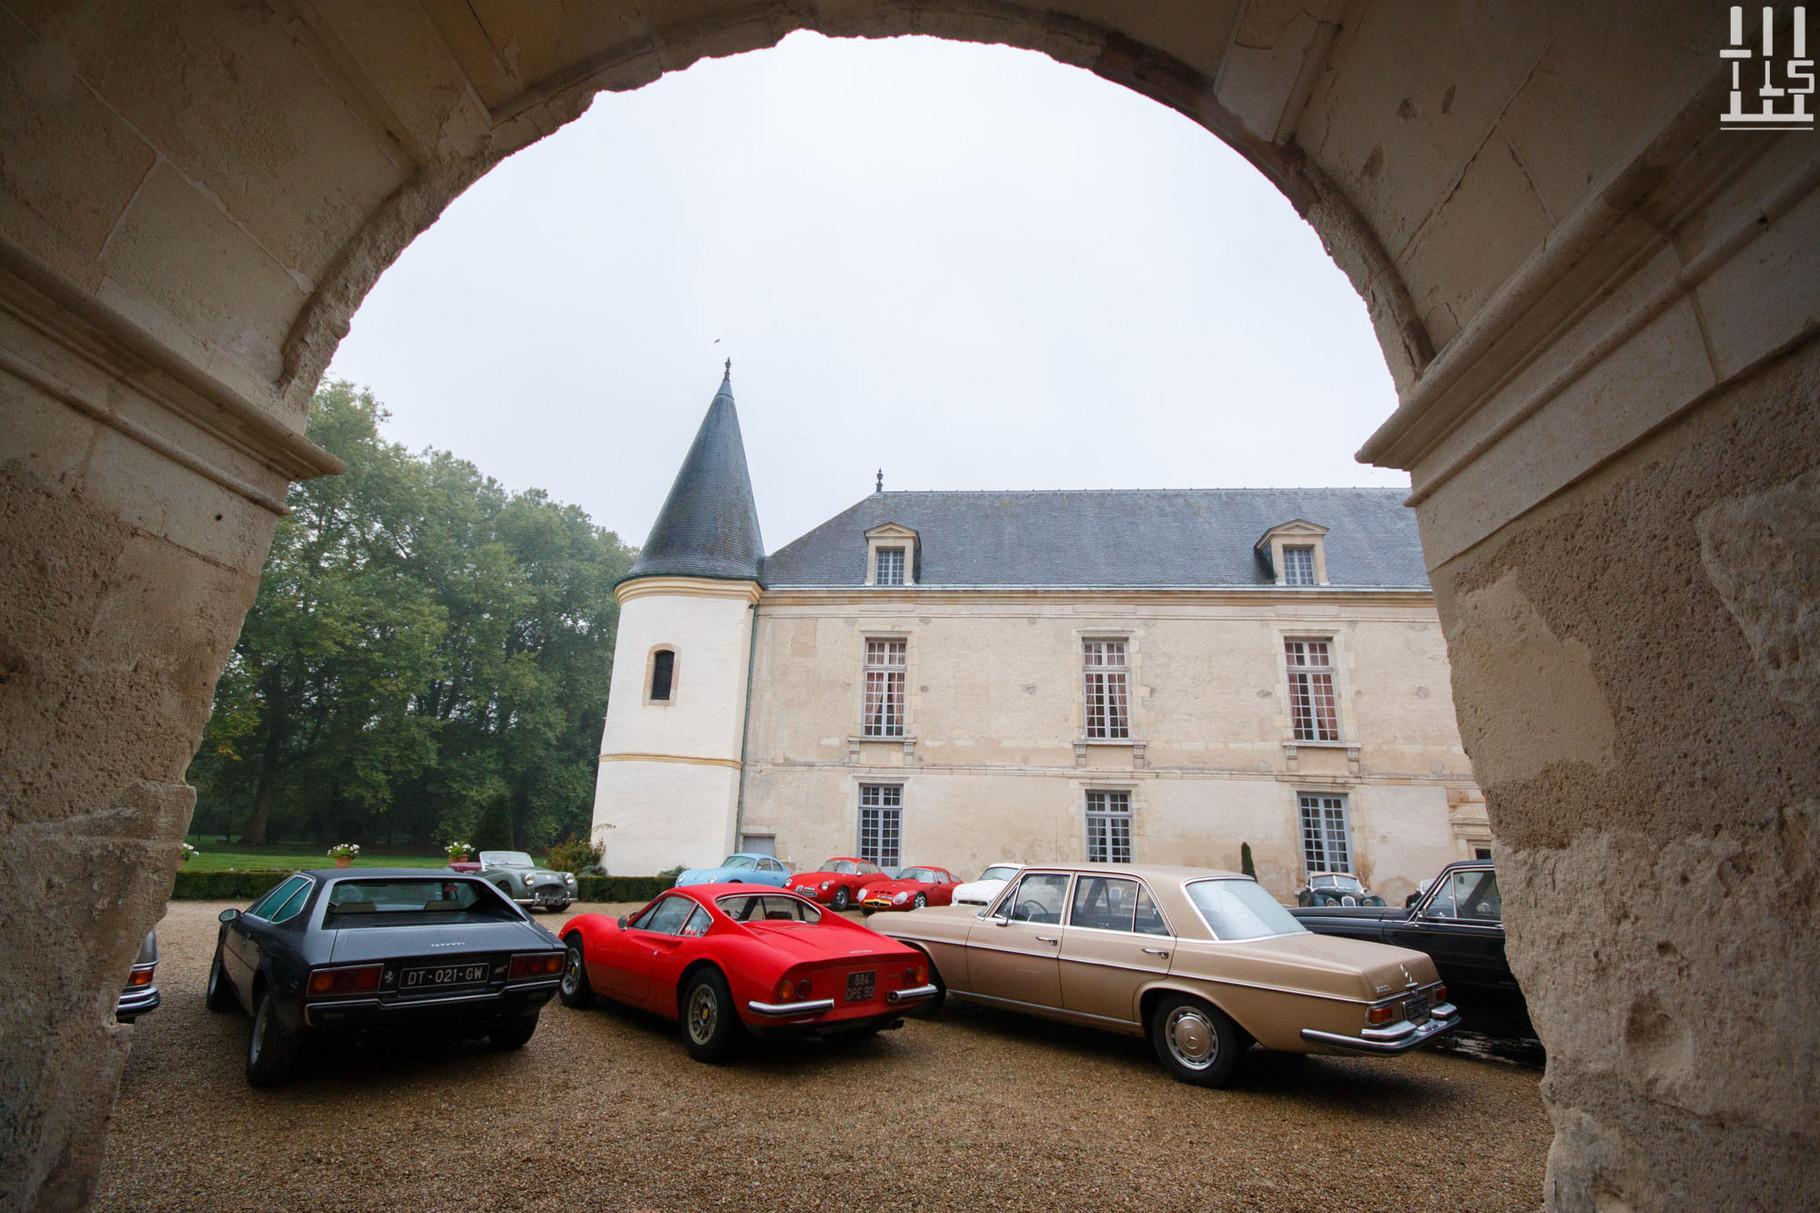 Dino 246 GT - Journées d'Automne 2015, Château de Condé.